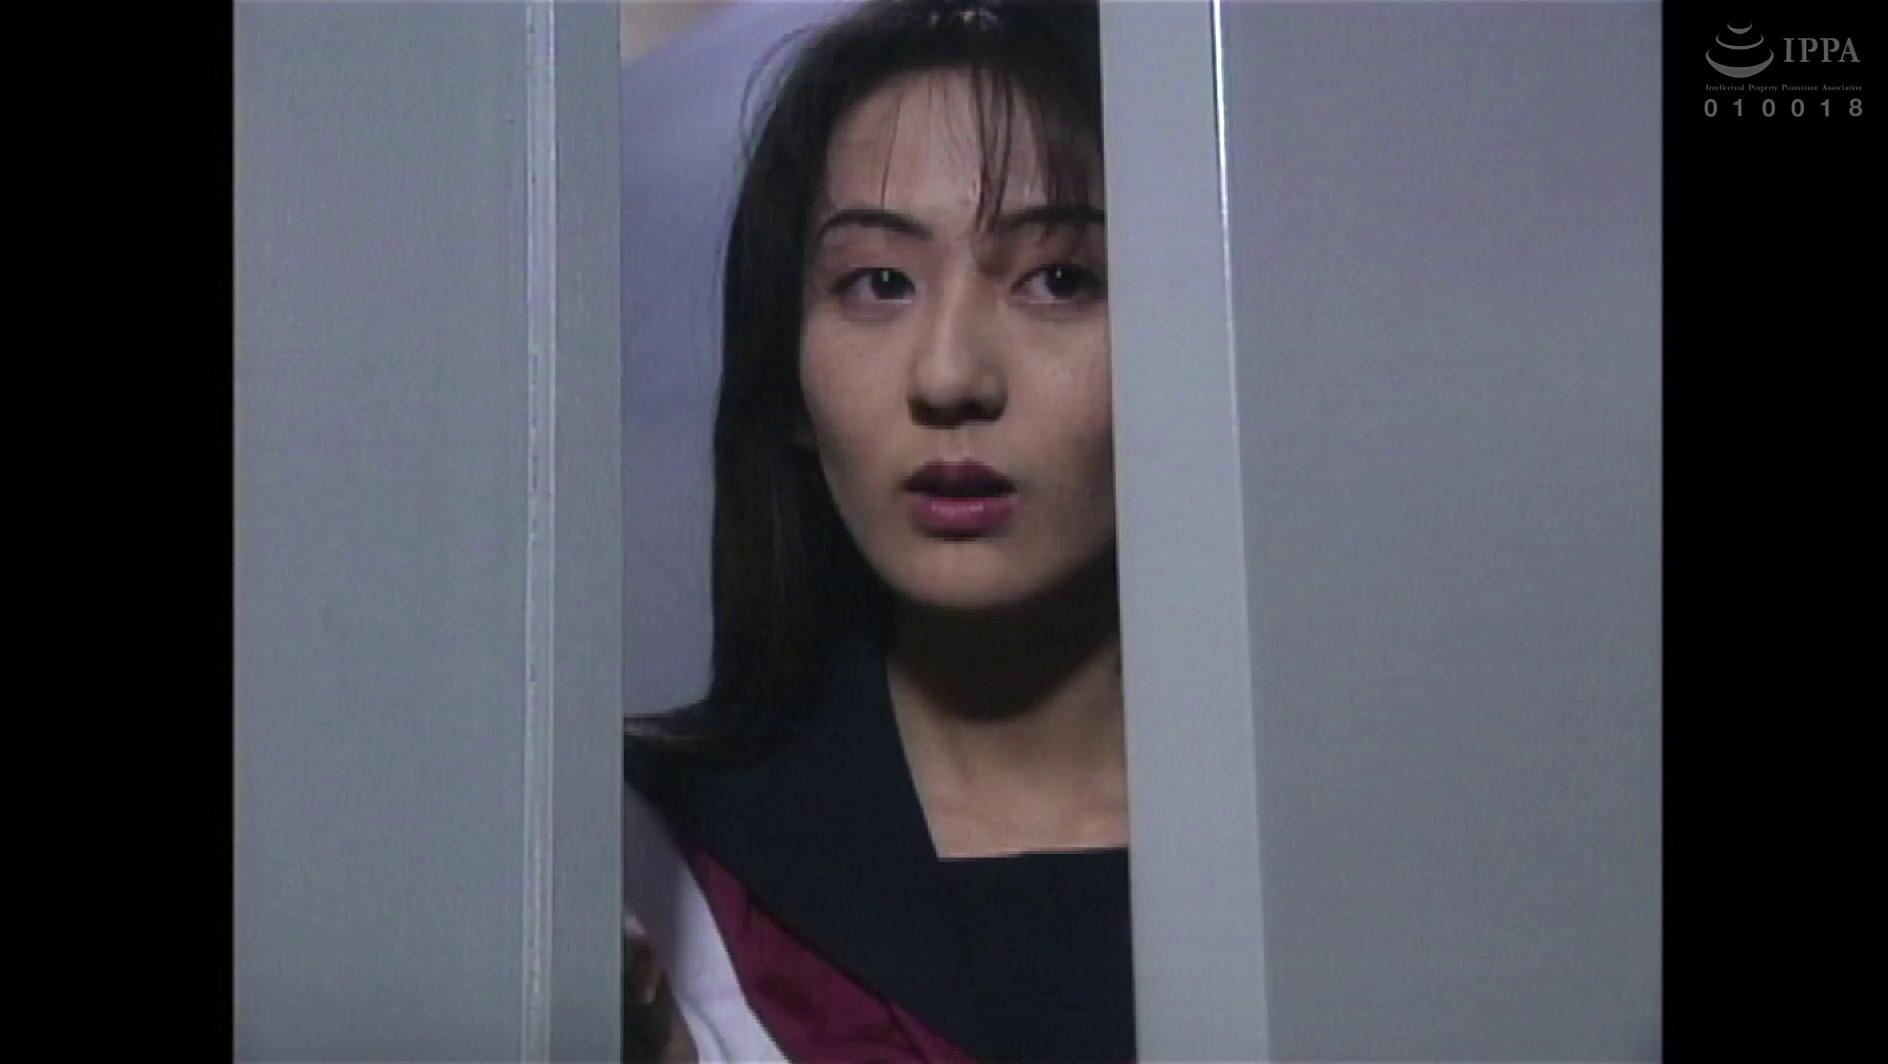 女教師乱れ泣き シリーズ3作復刻収録版 画像15